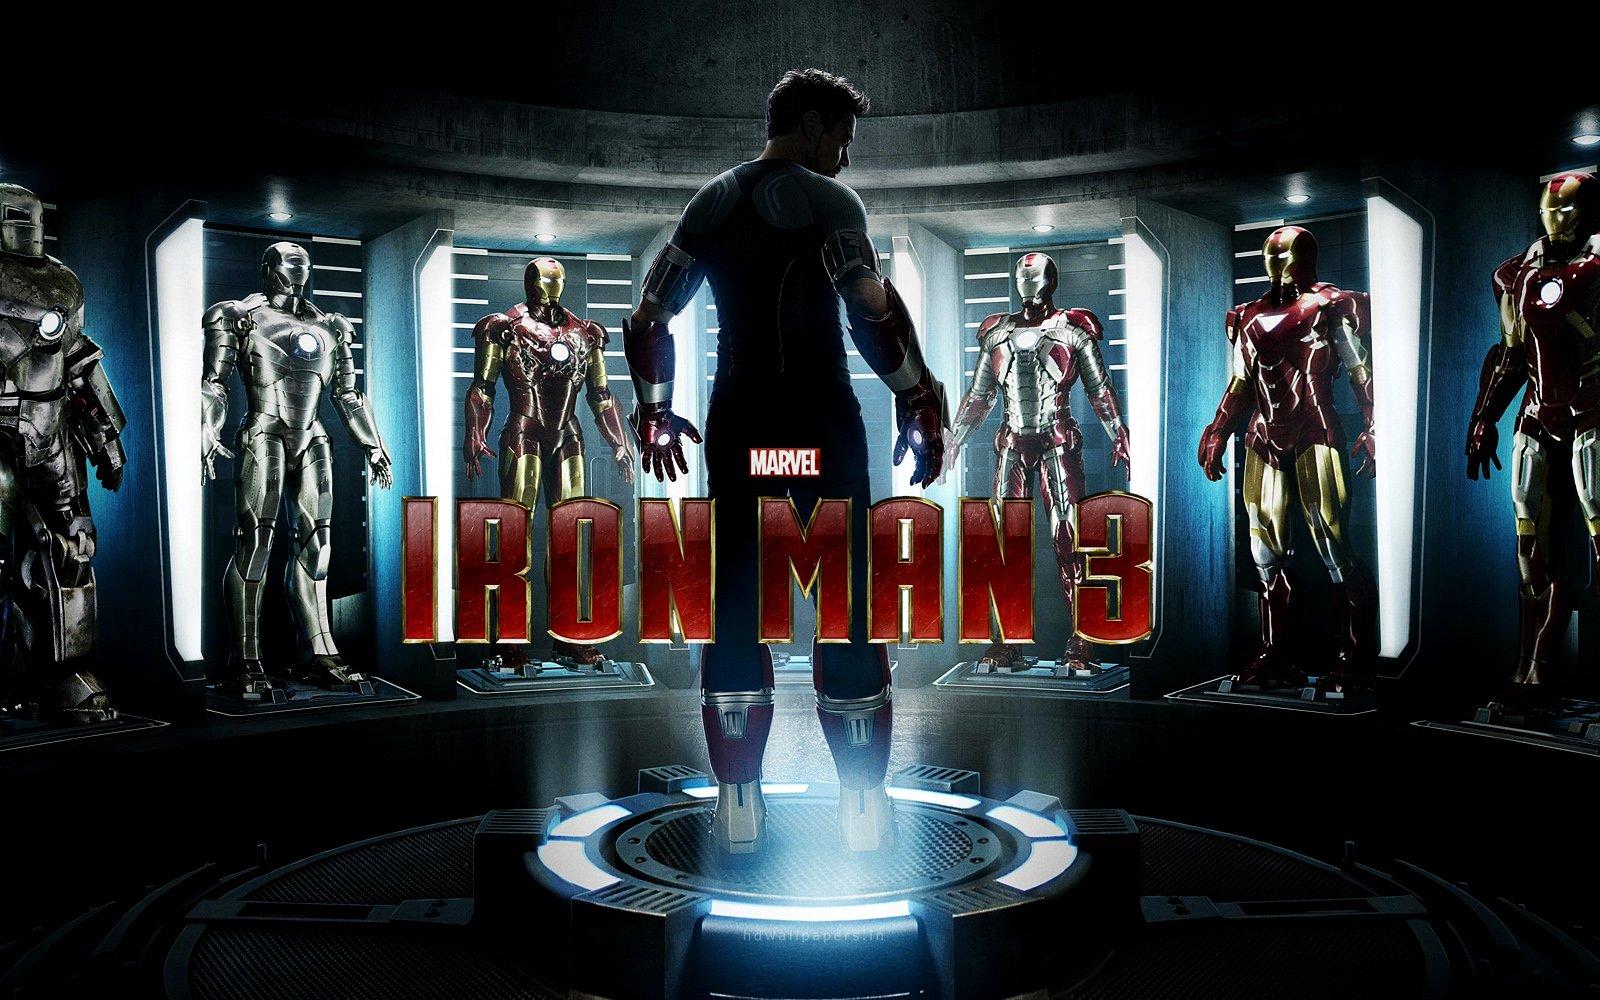 Я не удержался и в числе первых с утра пораньше, пошёл на премьеру третьей части Марвеловского Железного Человека. И ... - Изображение 1